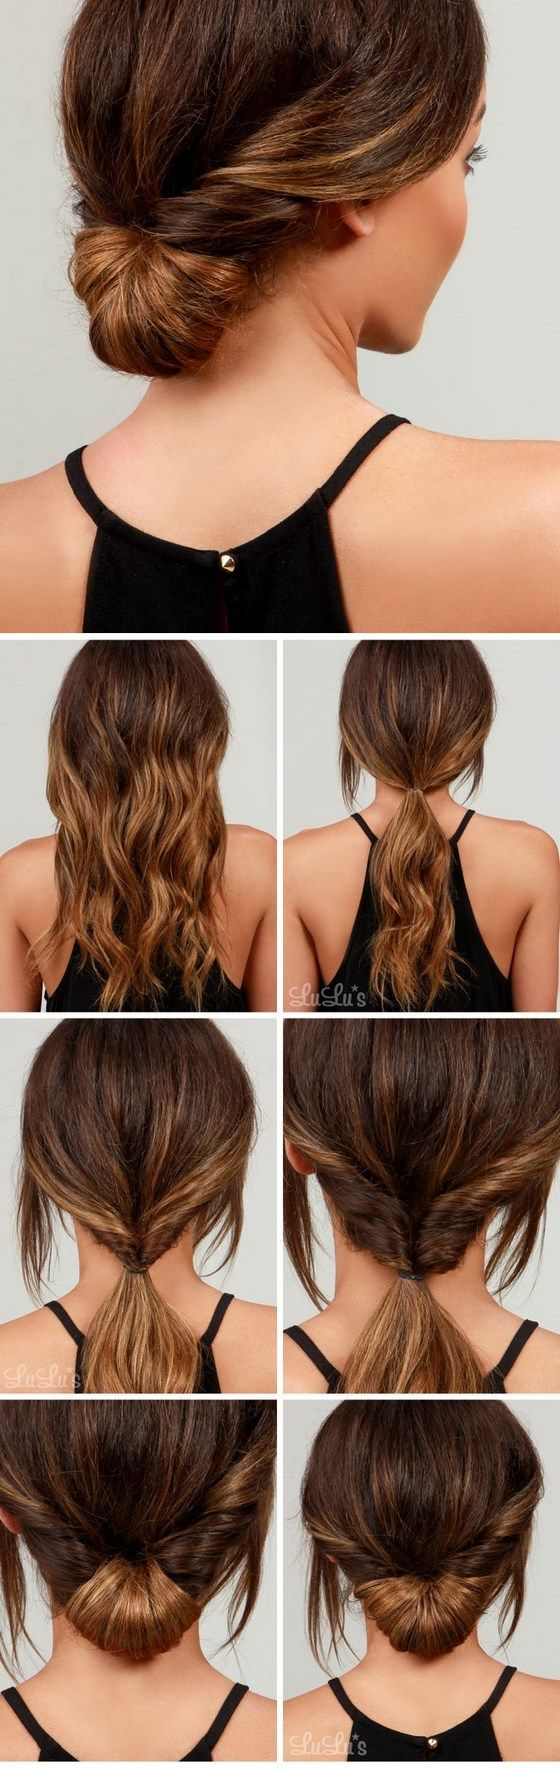 Geniales peinados sencillos que te podrás hacer facilmente hair